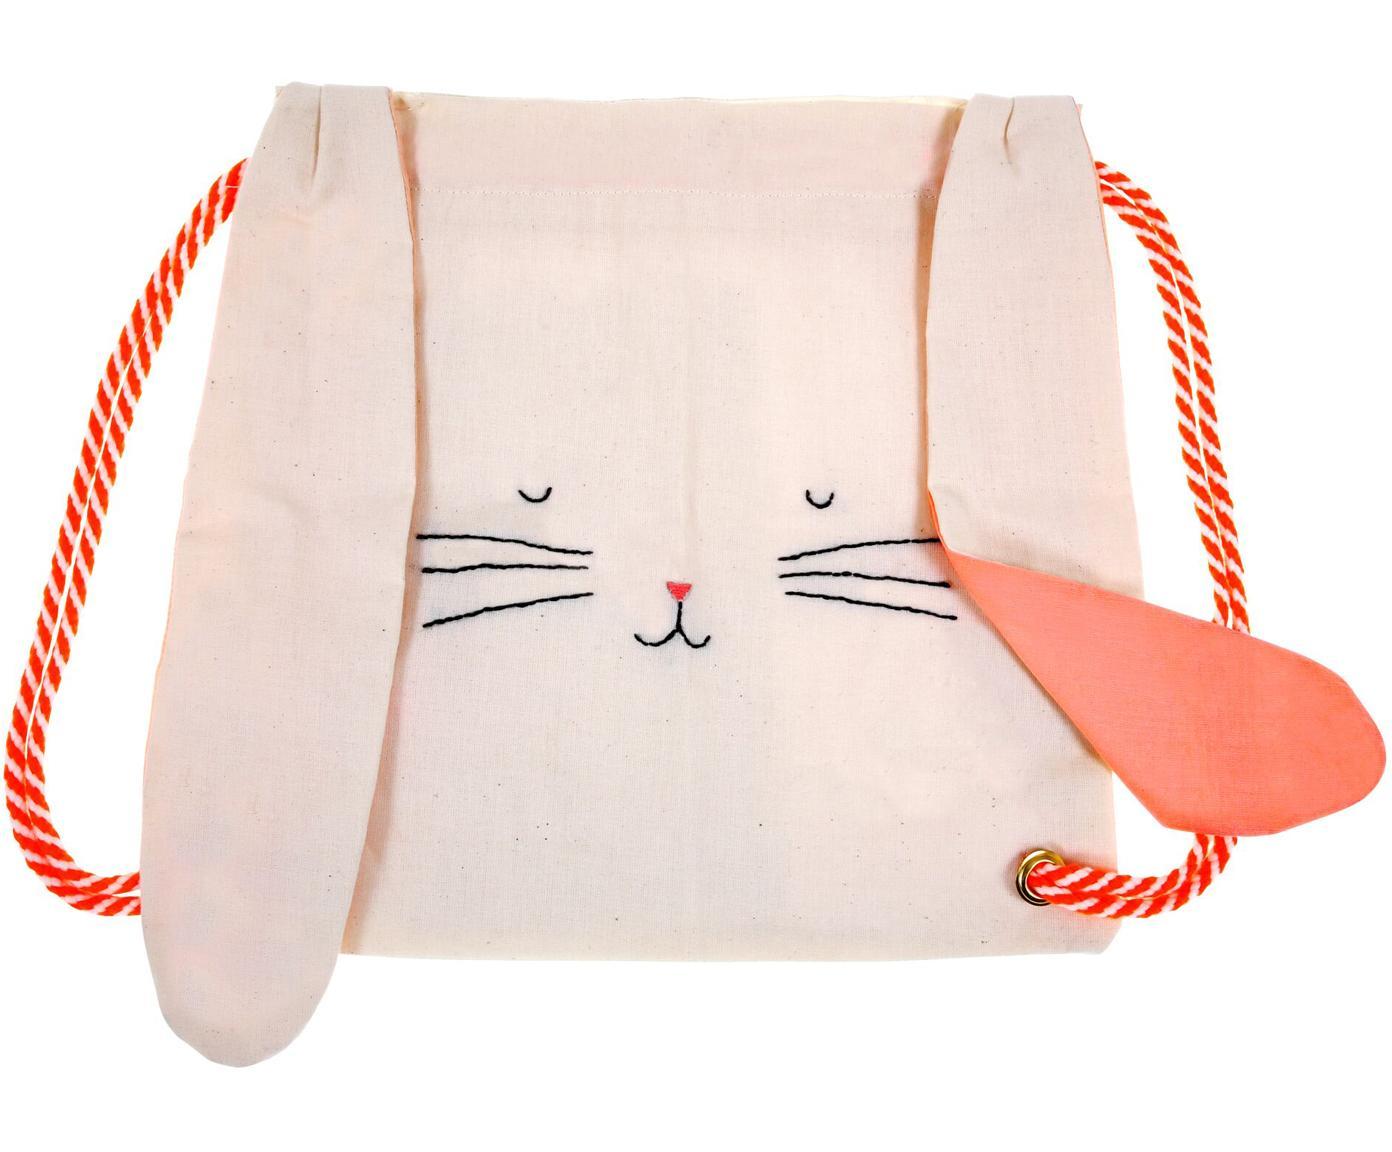 Plecak Bunny, Len, Blady różowy, czerwony, czarny, S 30 x W 33 cm